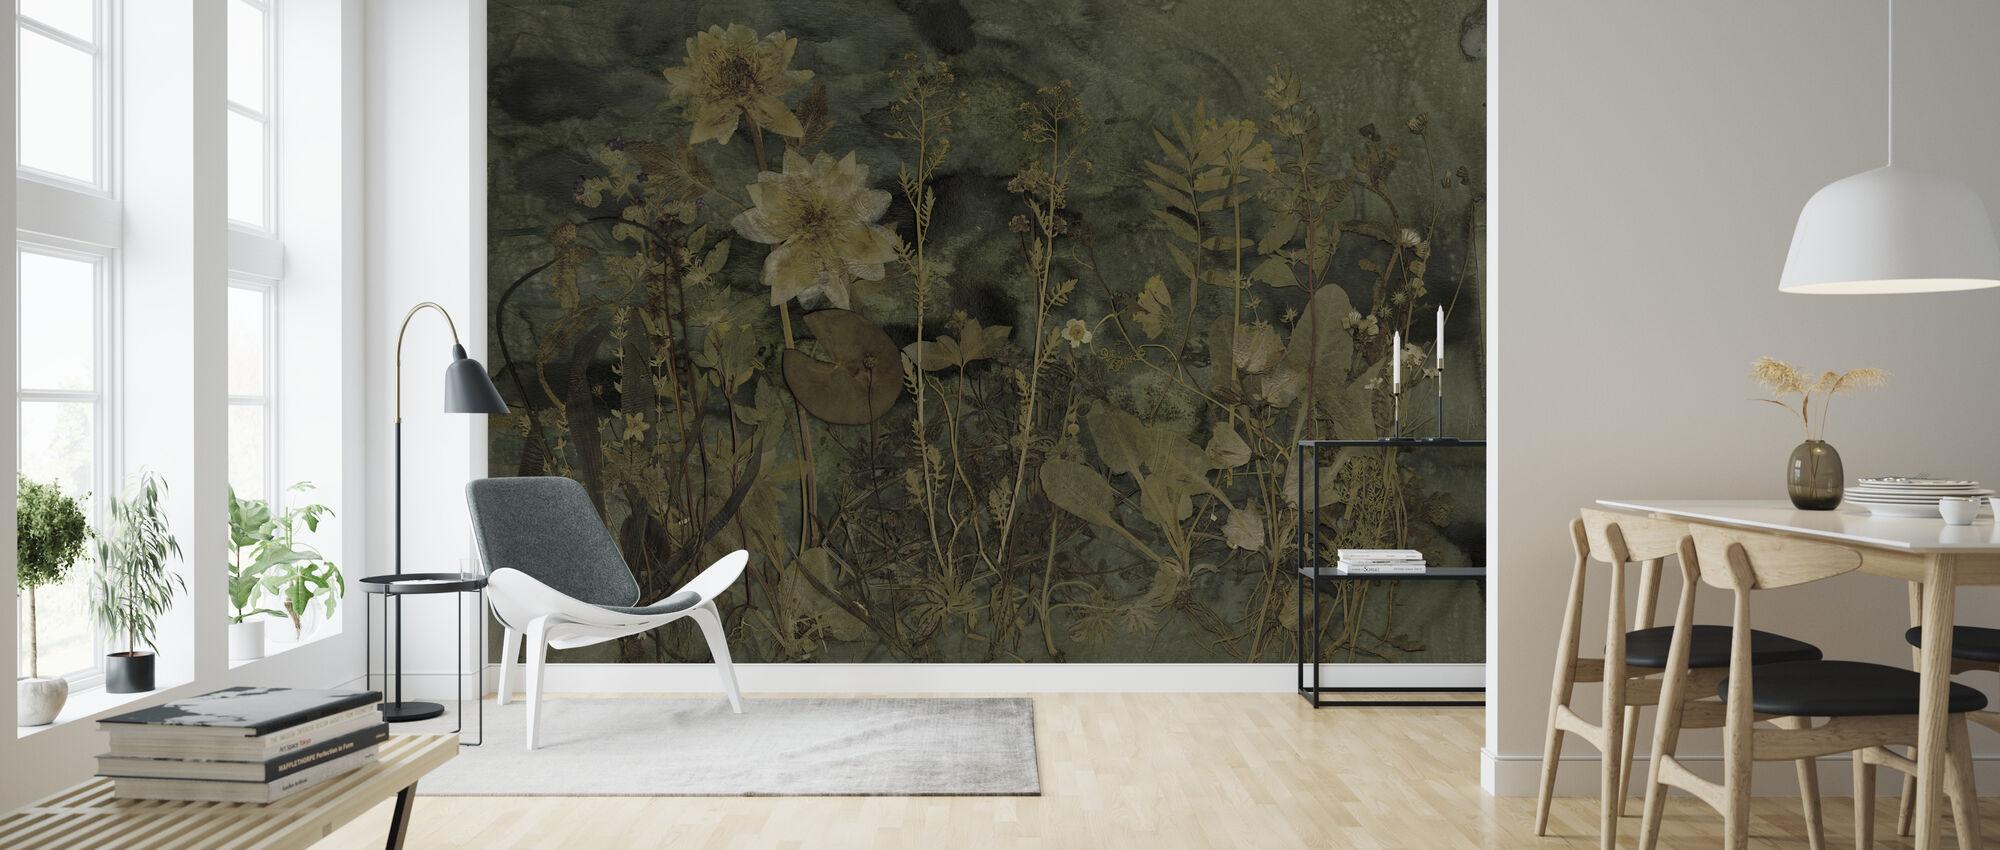 Teddy - Wallpaper - Living Room